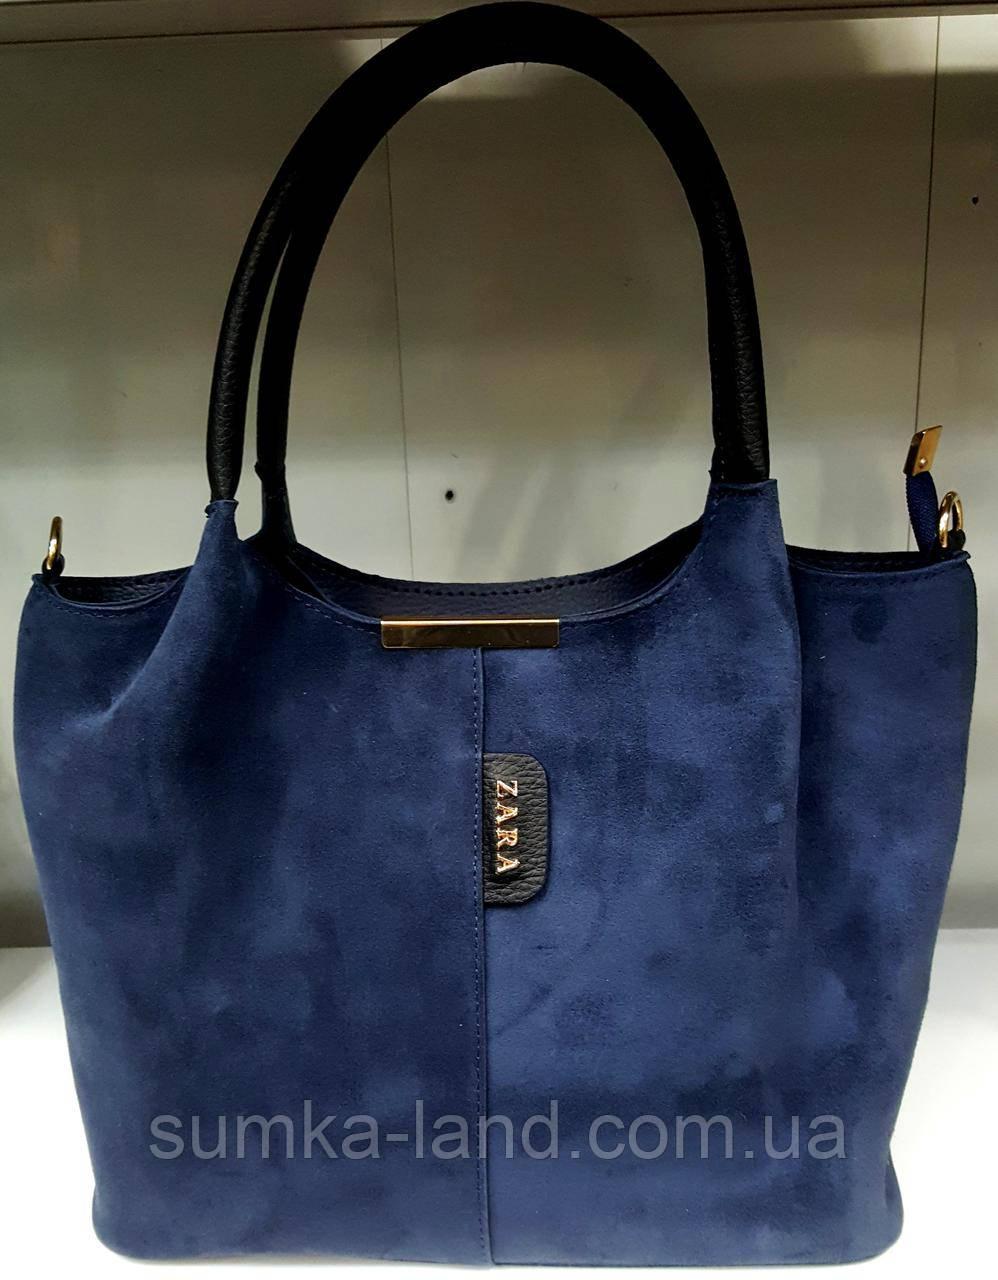 Женская замшевая сумка Zara из эко-кожи 31*23 (см) синего цвета